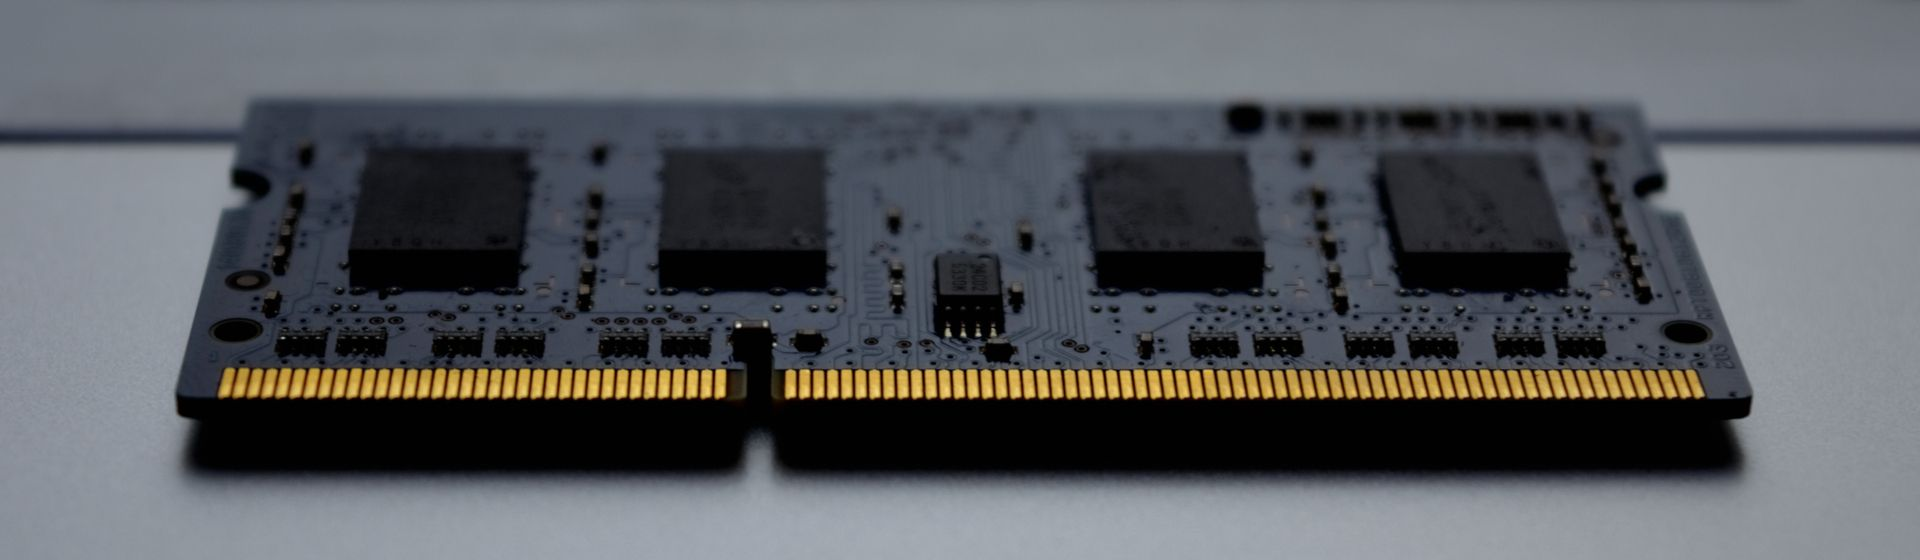 Qual memória RAM comprar? Saiba escolher a ideal para PC ou notebook